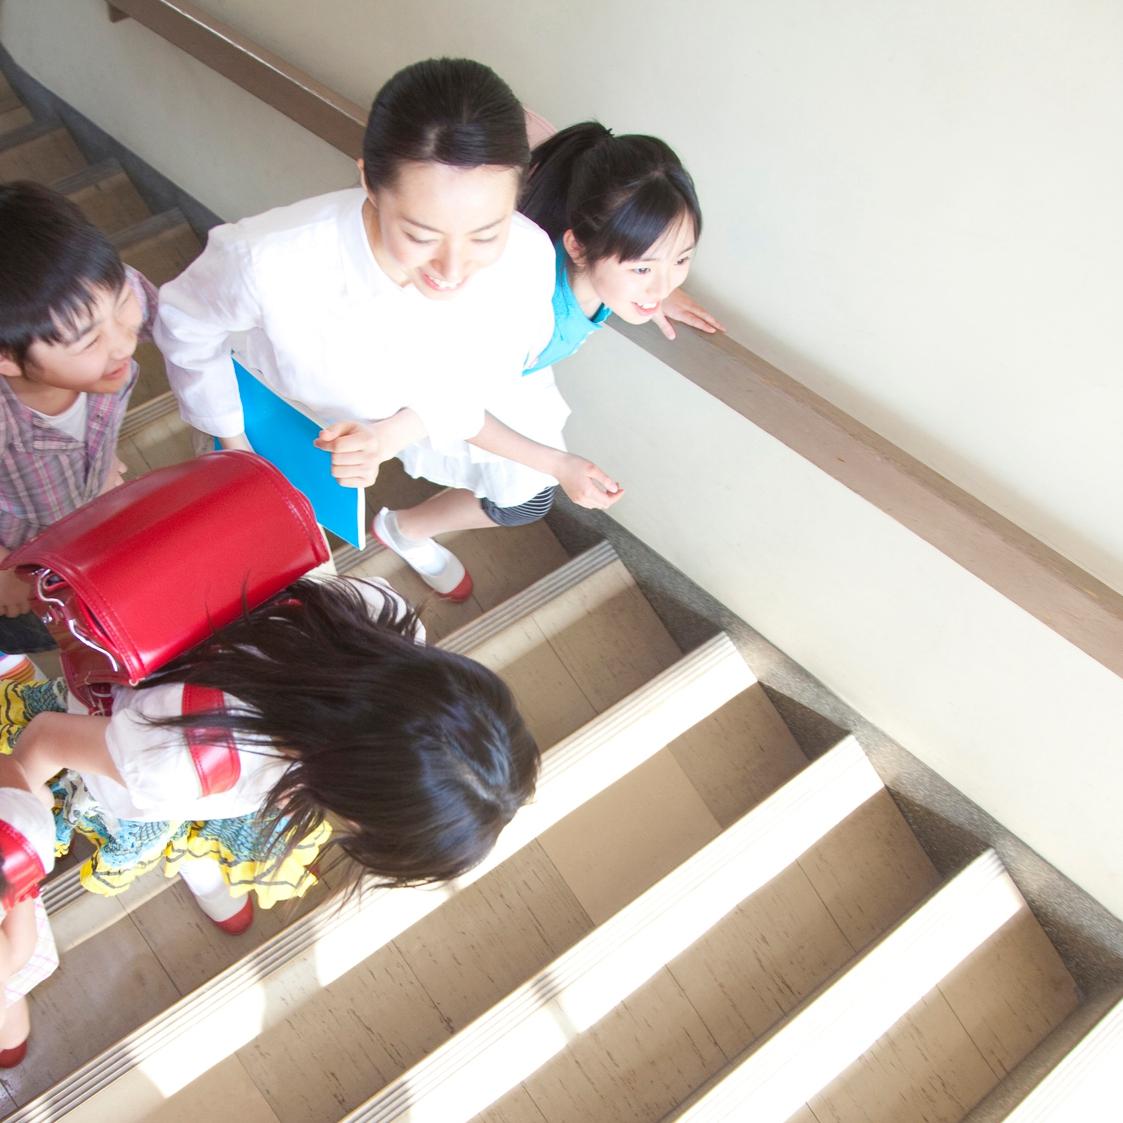 【非正規雇用の教員問題】教員の雇用形態について考える